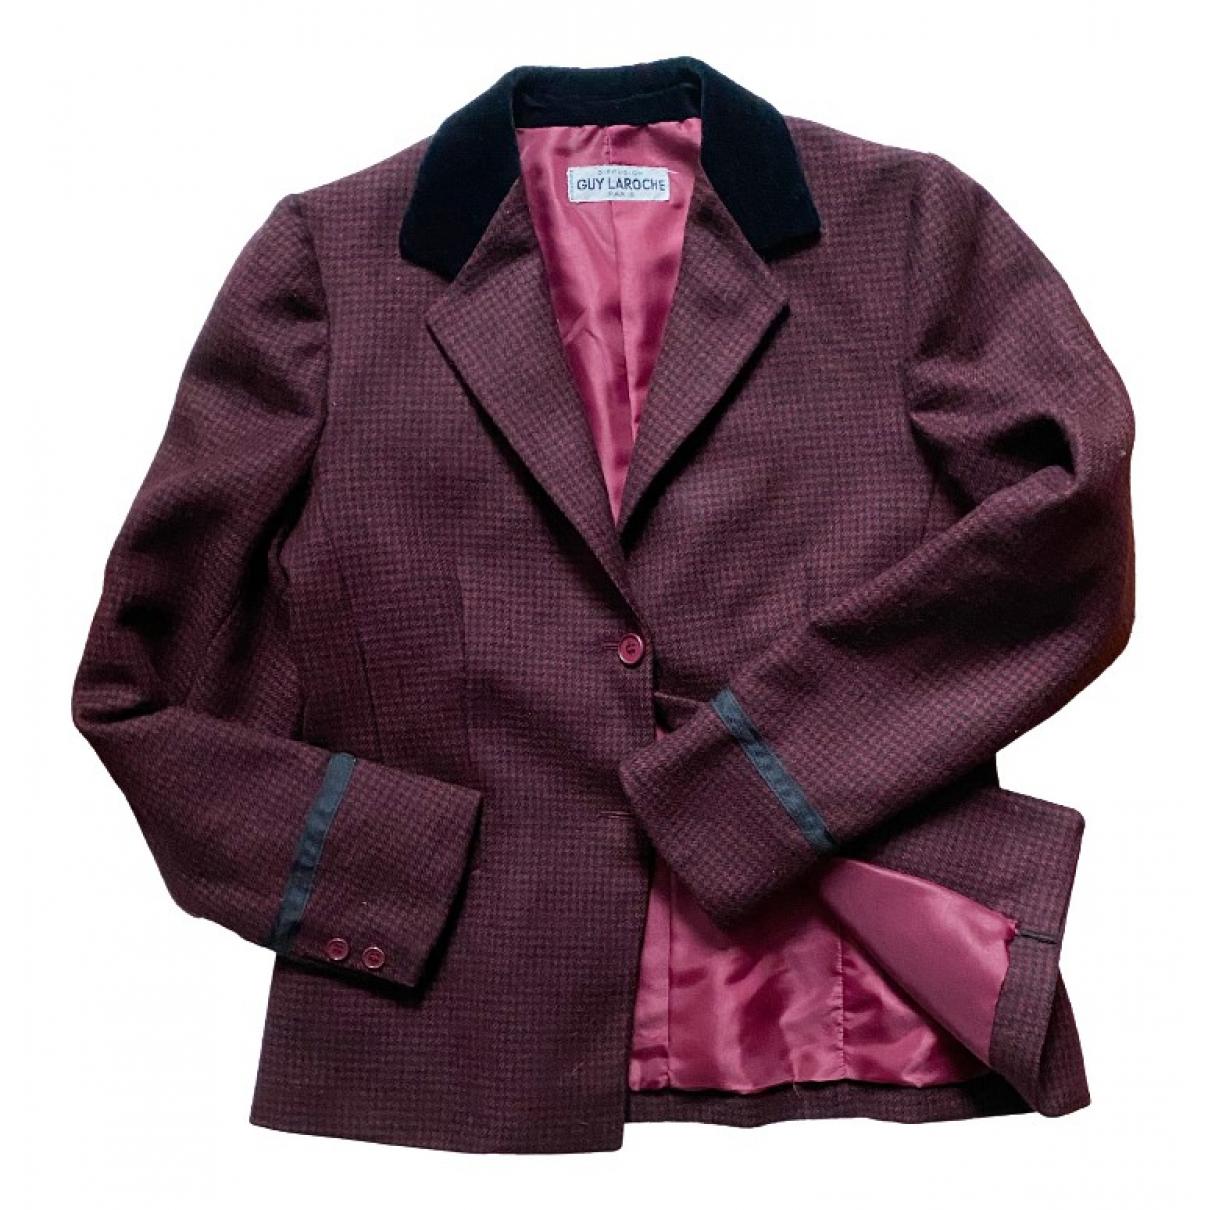 Guy Laroche - Veste   pour femme en laine - bordeaux